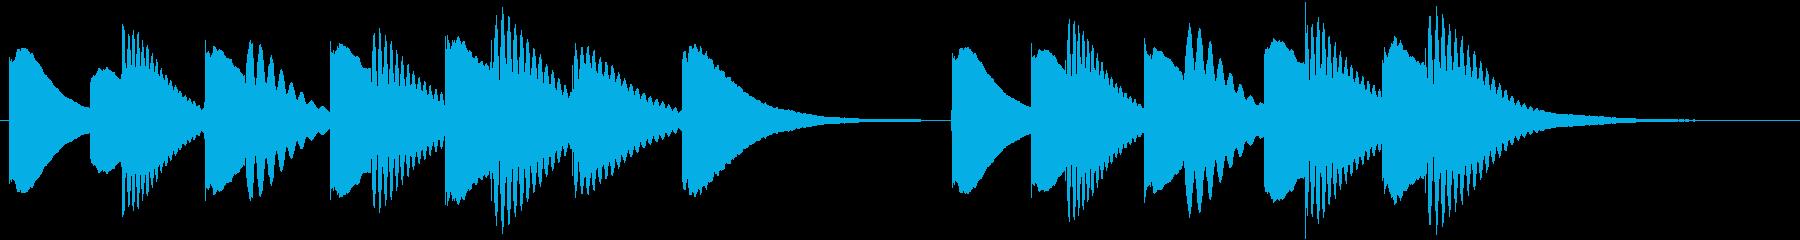 ジングル 木琴 軽快 元気の再生済みの波形